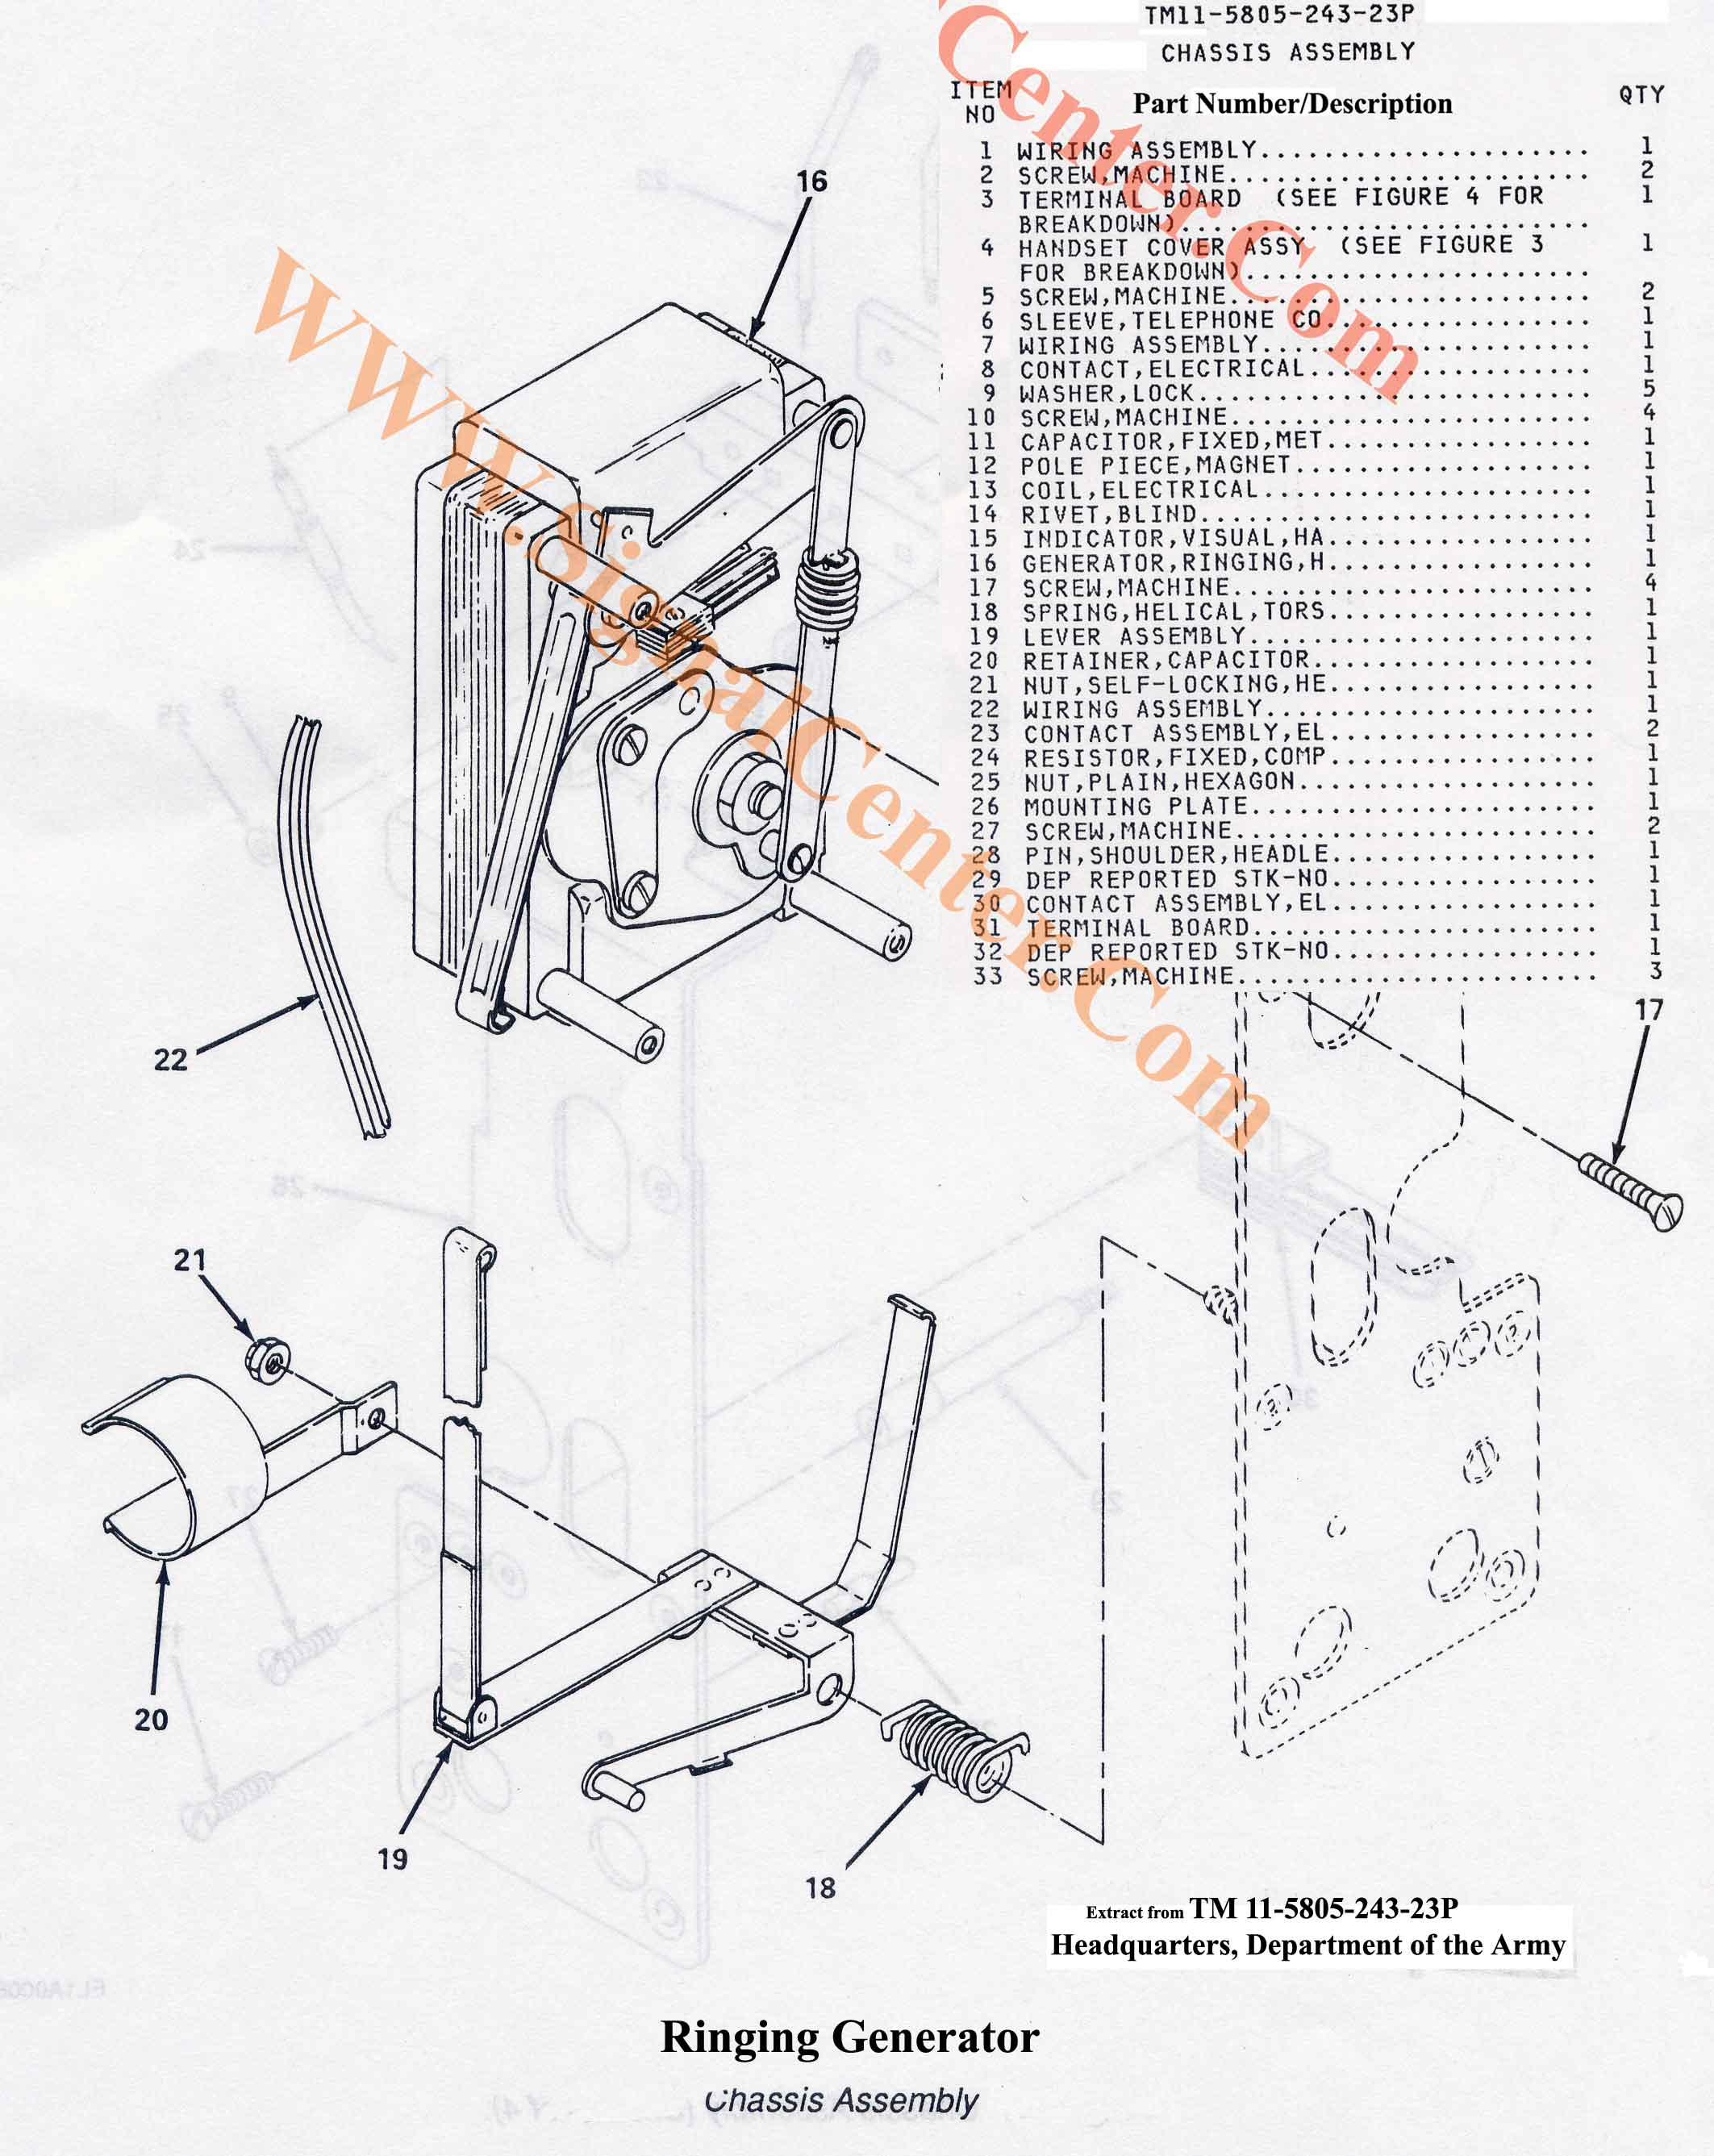 Ringing Generator